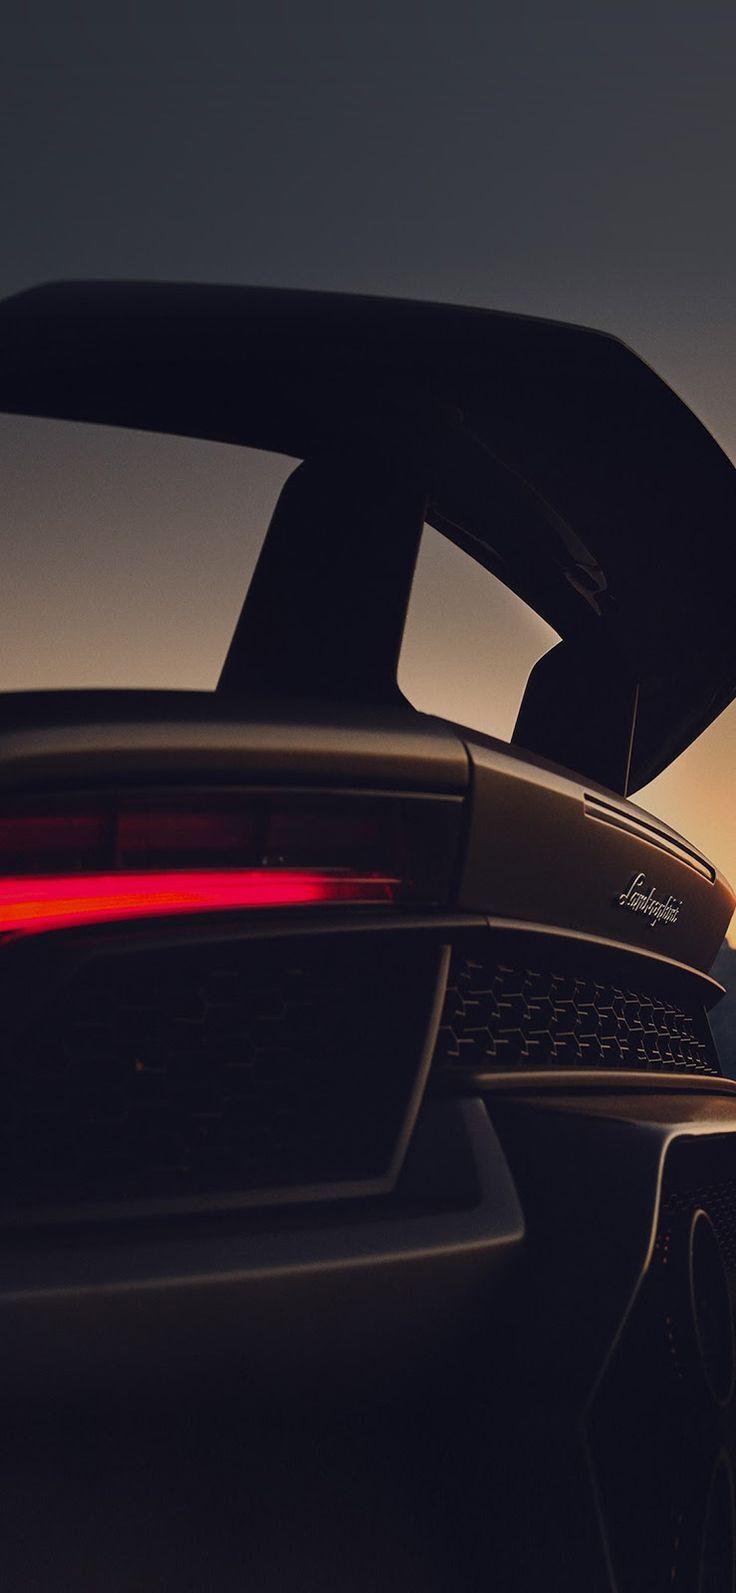 Lamborghini Dark Lamborghini Wallpaper Iphone Car Wallpapers Car Iphone Wallpaper